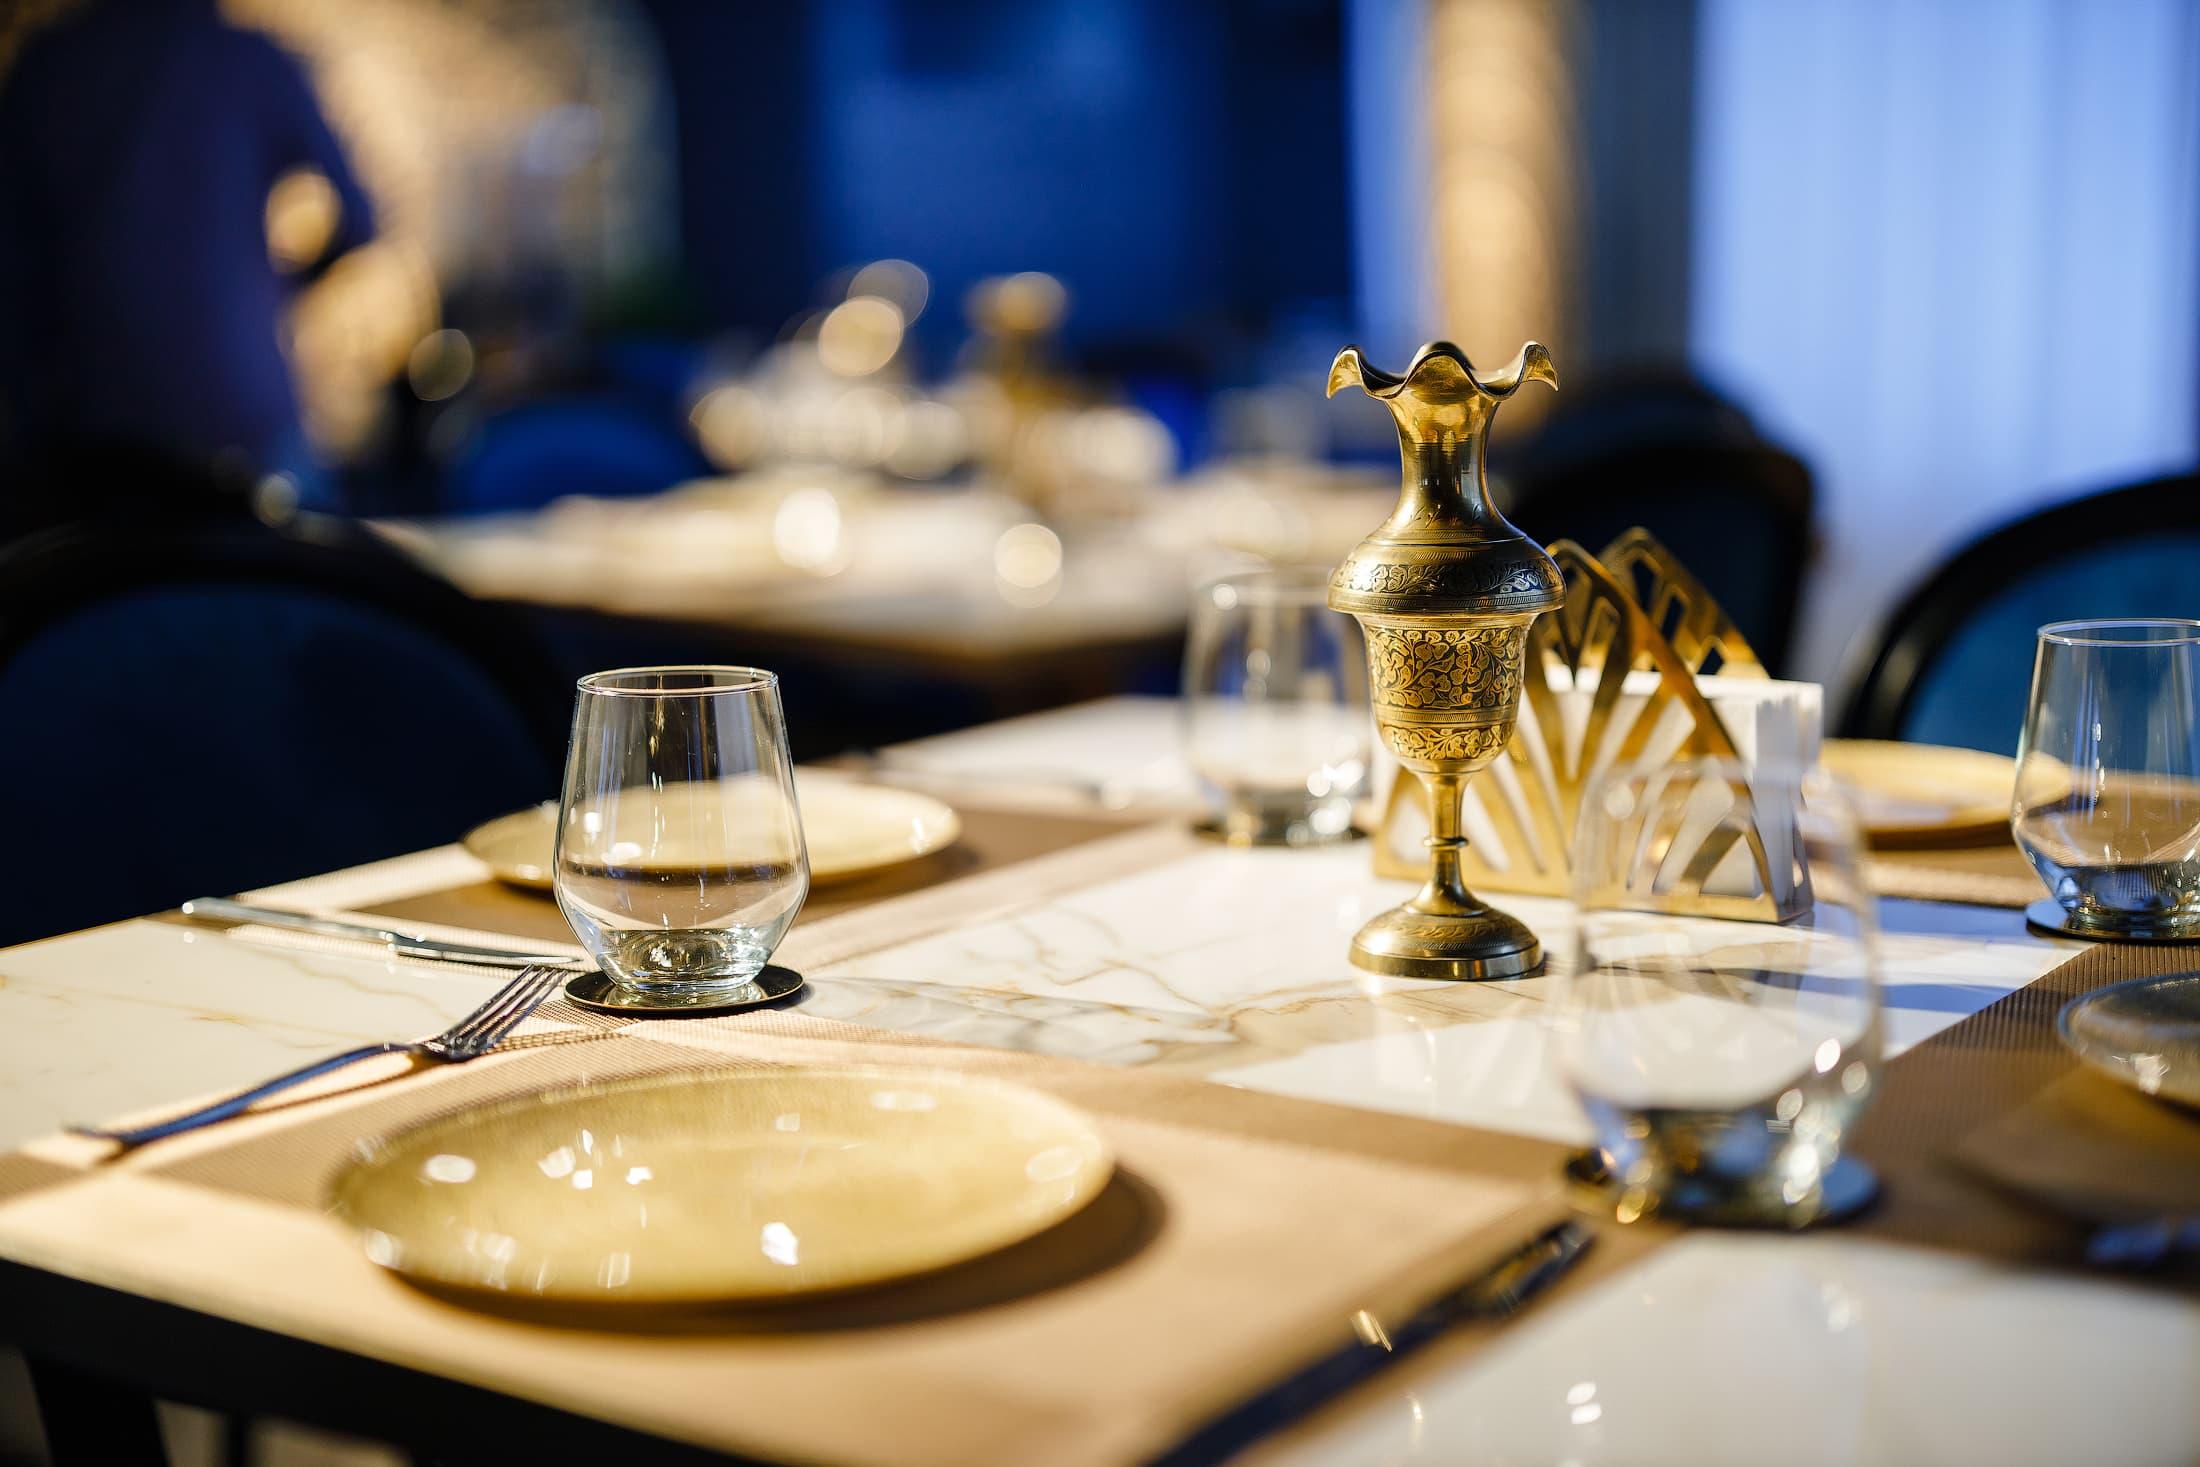 Marhaba Lebanese Cuisine - cum să împrospătezi imaginea unei afaceri și să concepi o adevărată poveste orientală